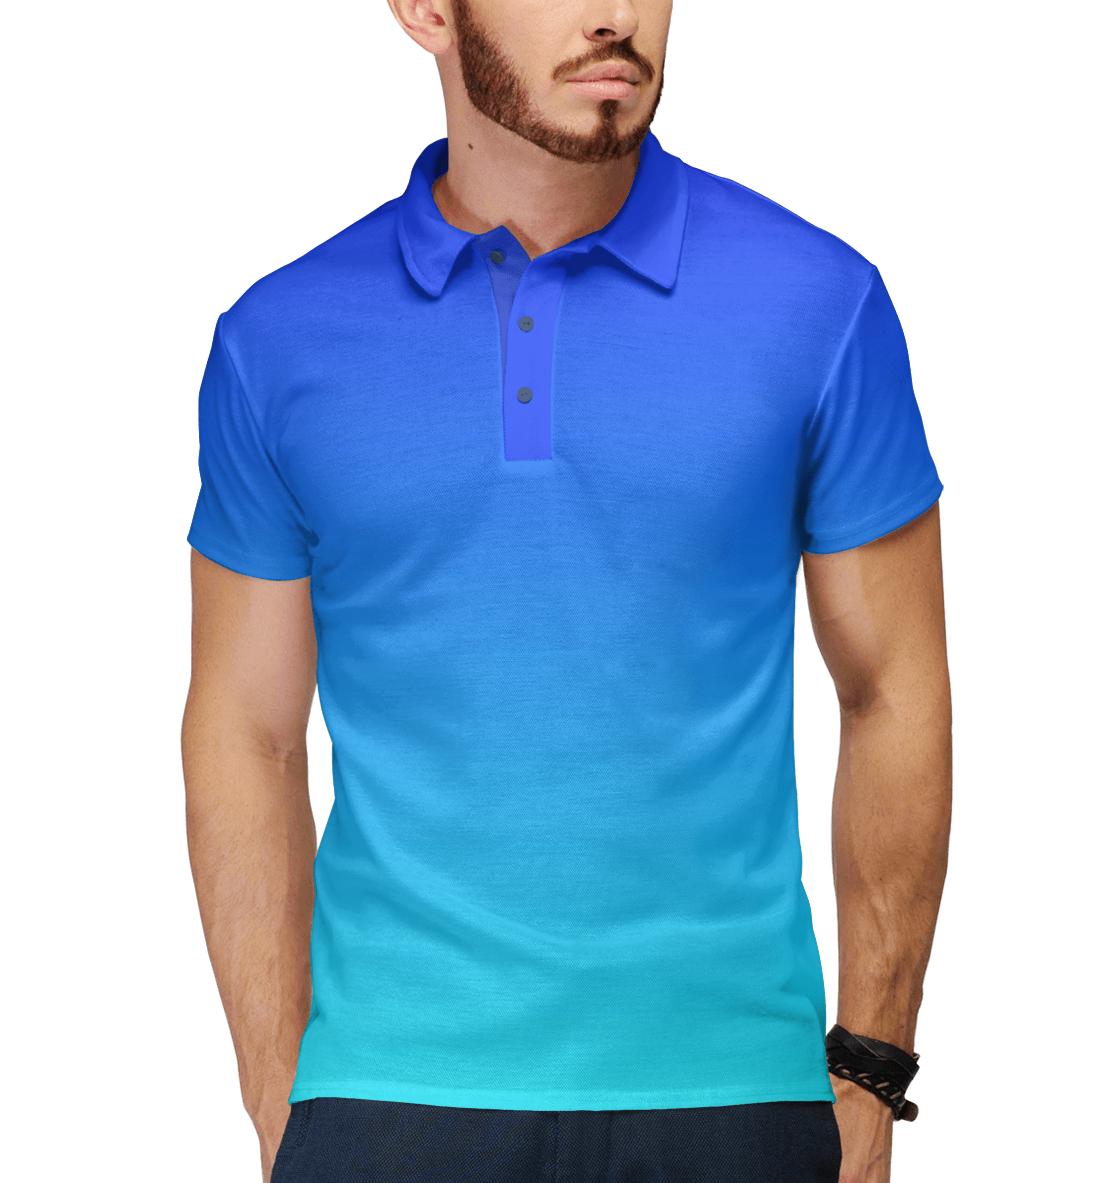 Купить Градиент: Синий в Голубой, Printbar, Поло, CLR-742572-pol-2